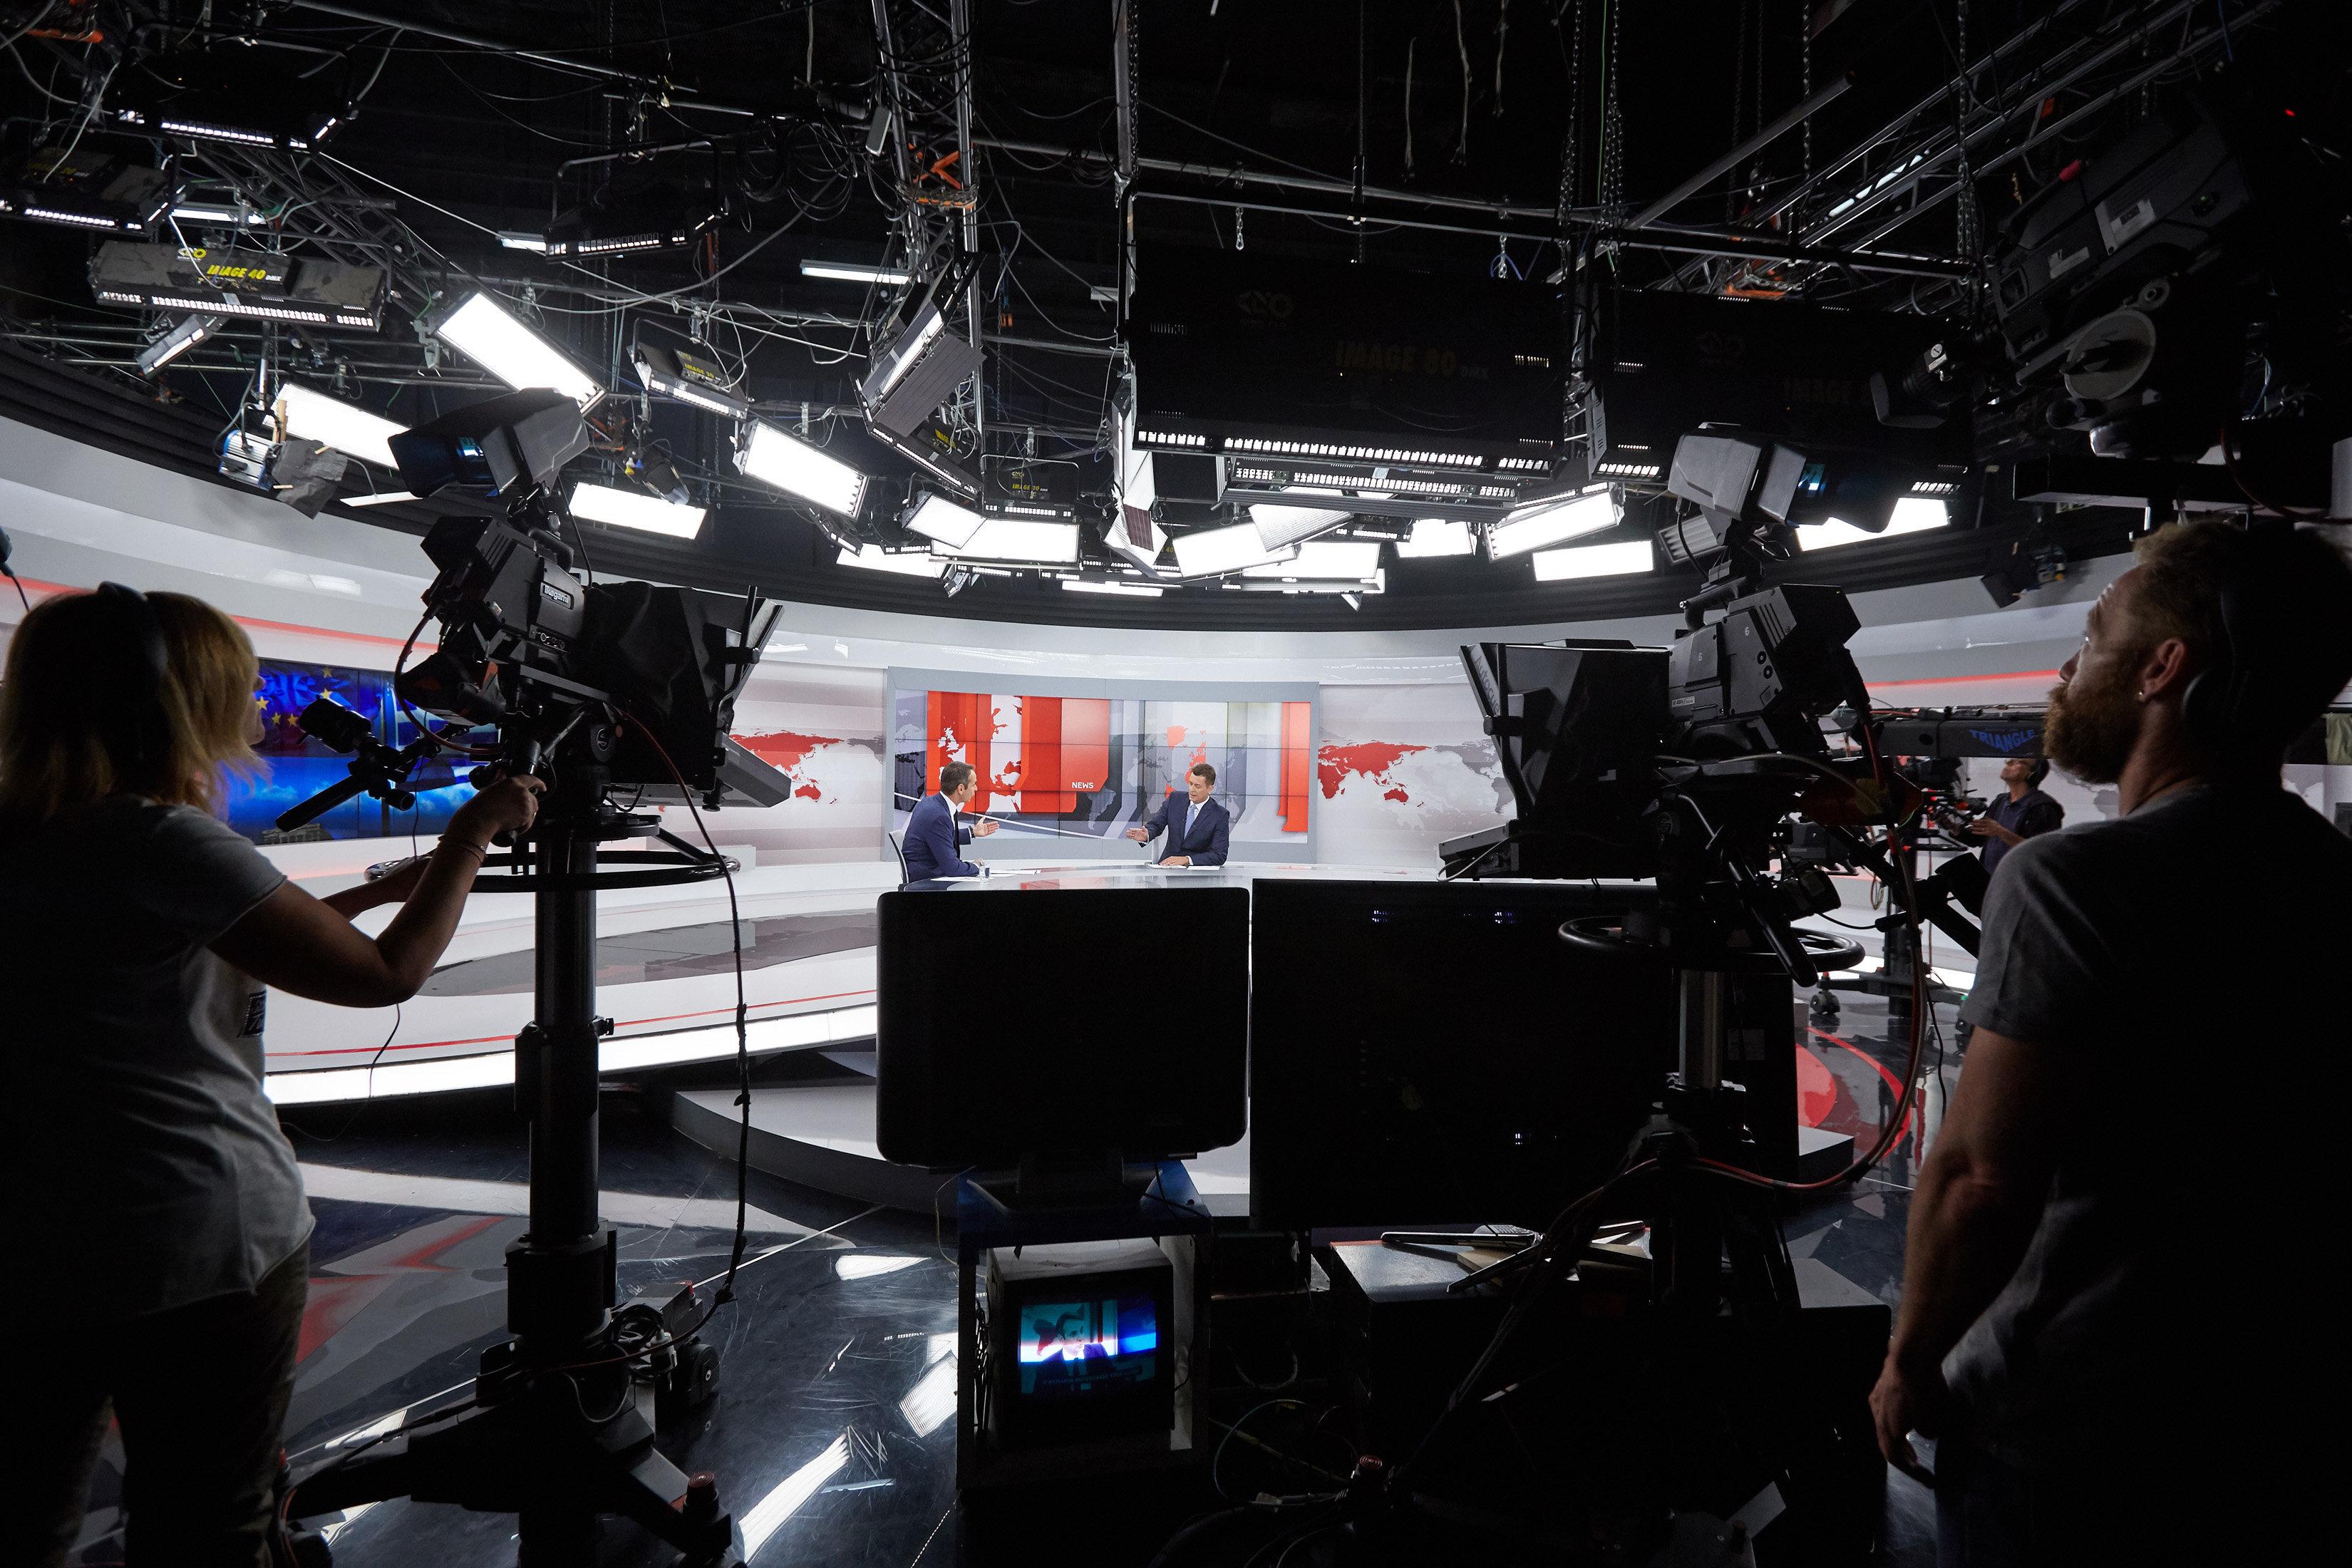 Ο όμιλος Βαρδινογιάννη εξαγόρασε τον τηλεοπτικό σταθμό Alpha